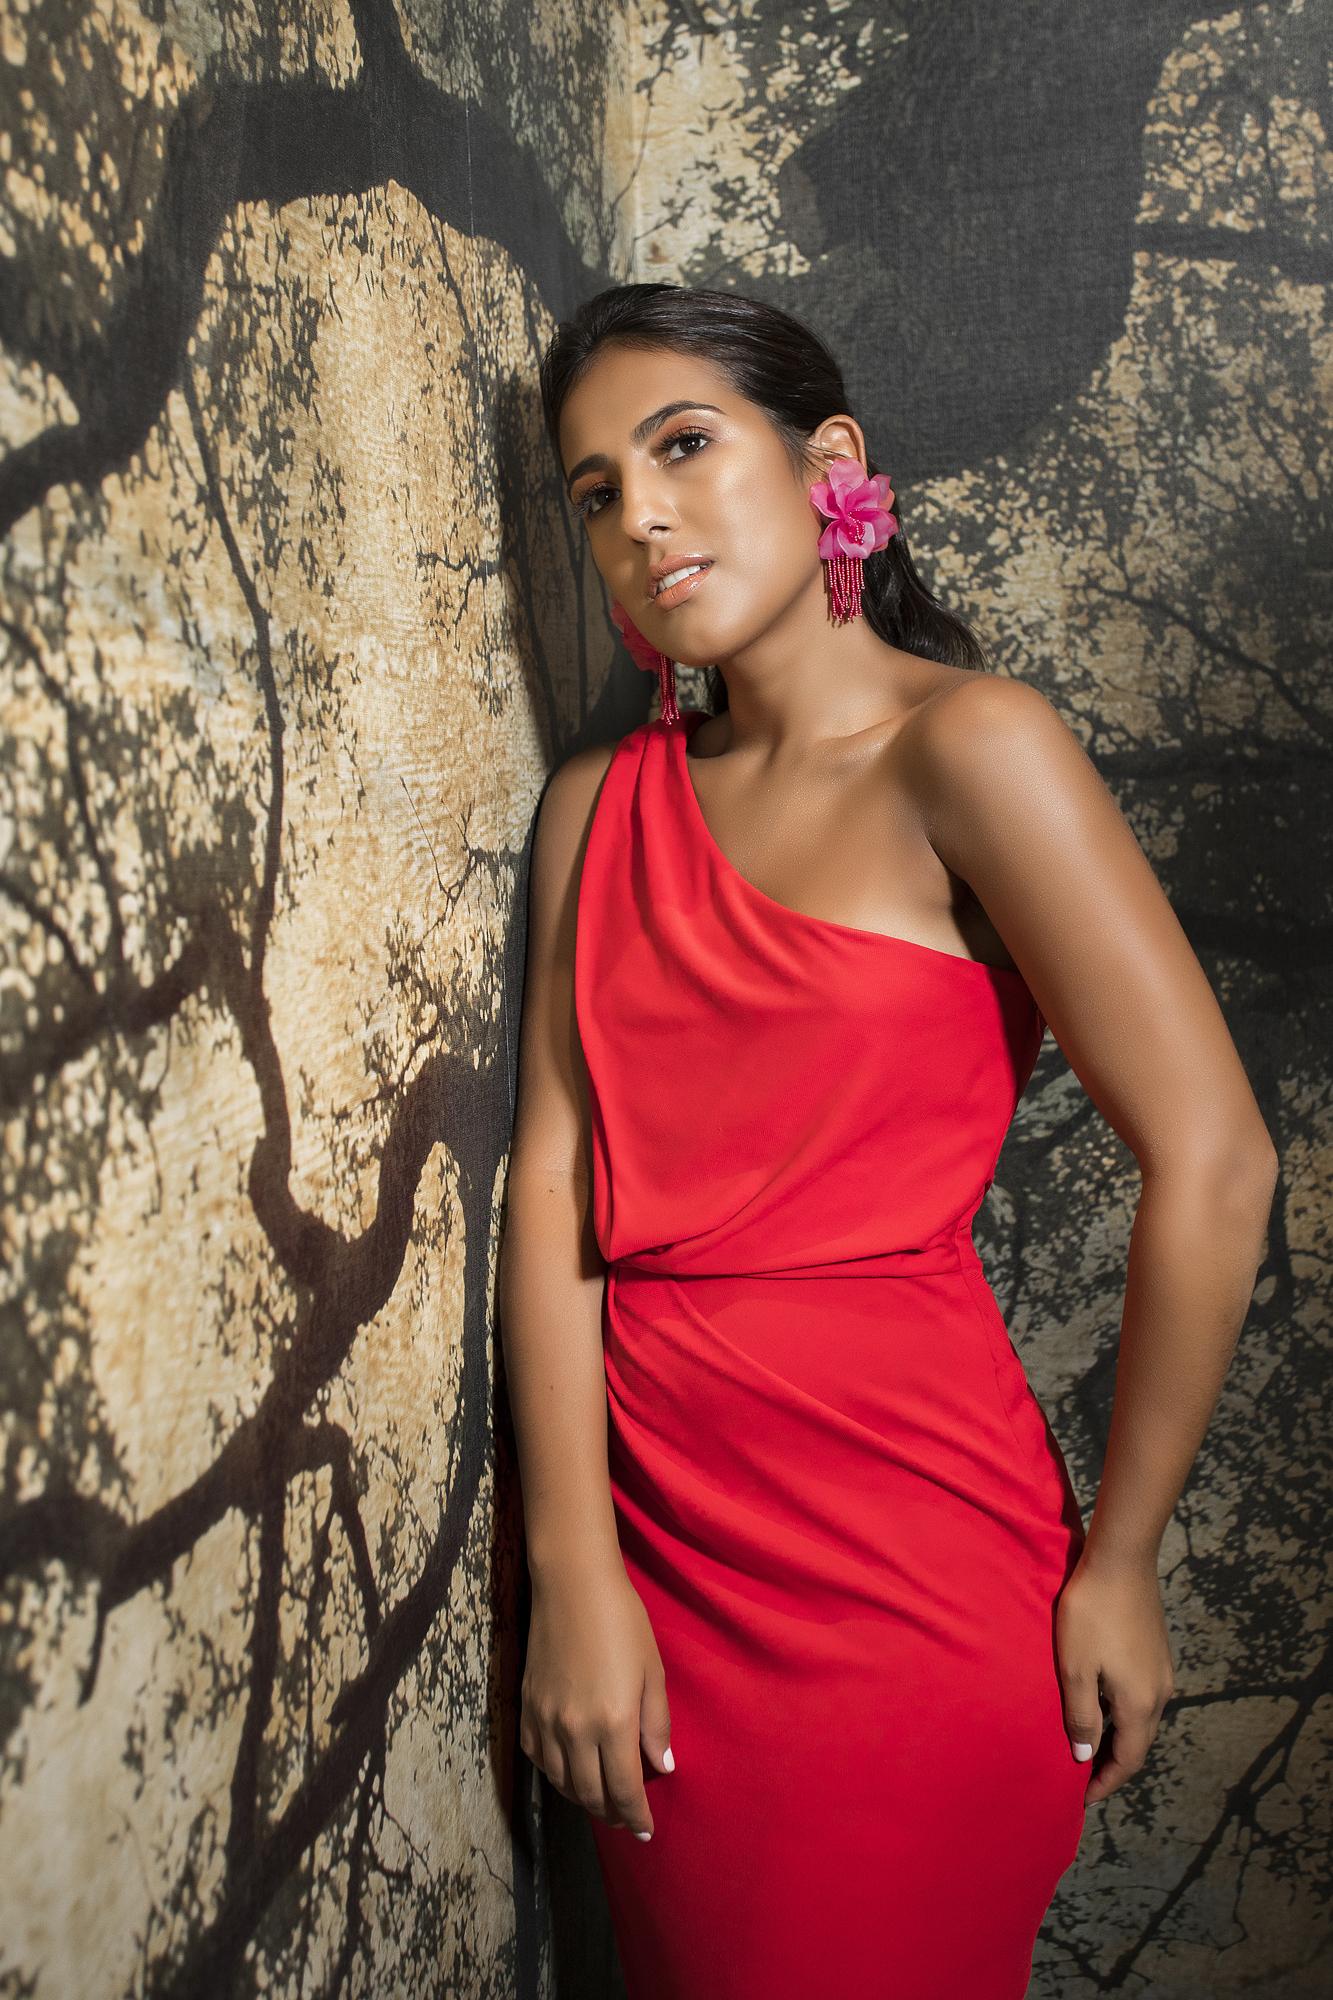 glam makeup hair dress gala marca personal paloma de la cruz sueños reinvención sueños creer confiar cambiar